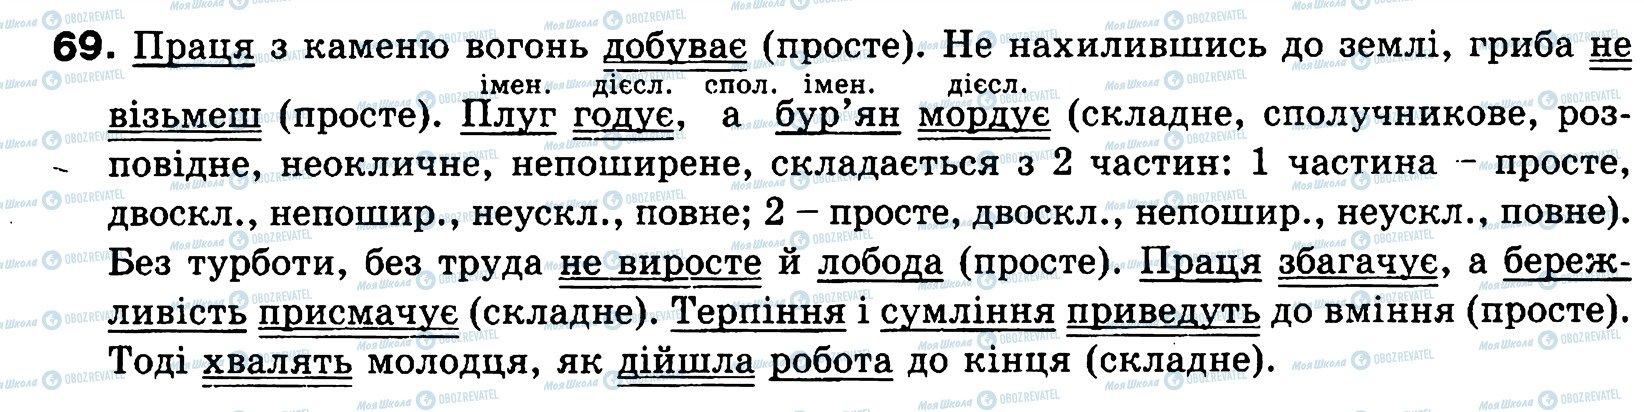 ГДЗ Українська мова 8 клас сторінка 69